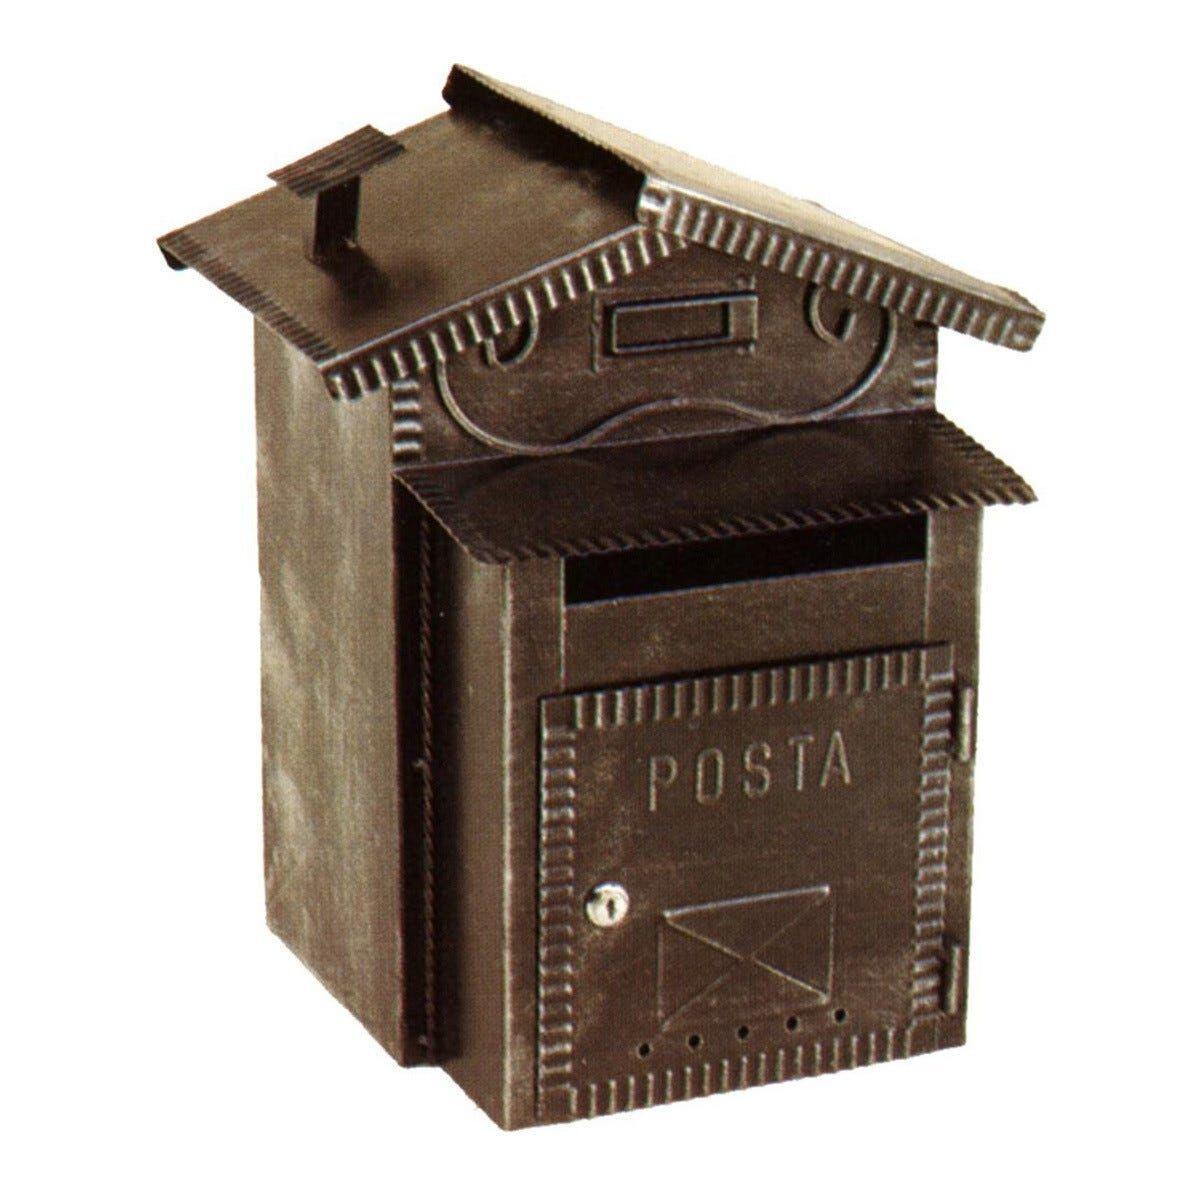 Cassetta Lettere E Portapane Per Esterno Ferro Battuto Nero 41x27x27 Cm (Lxhxp)